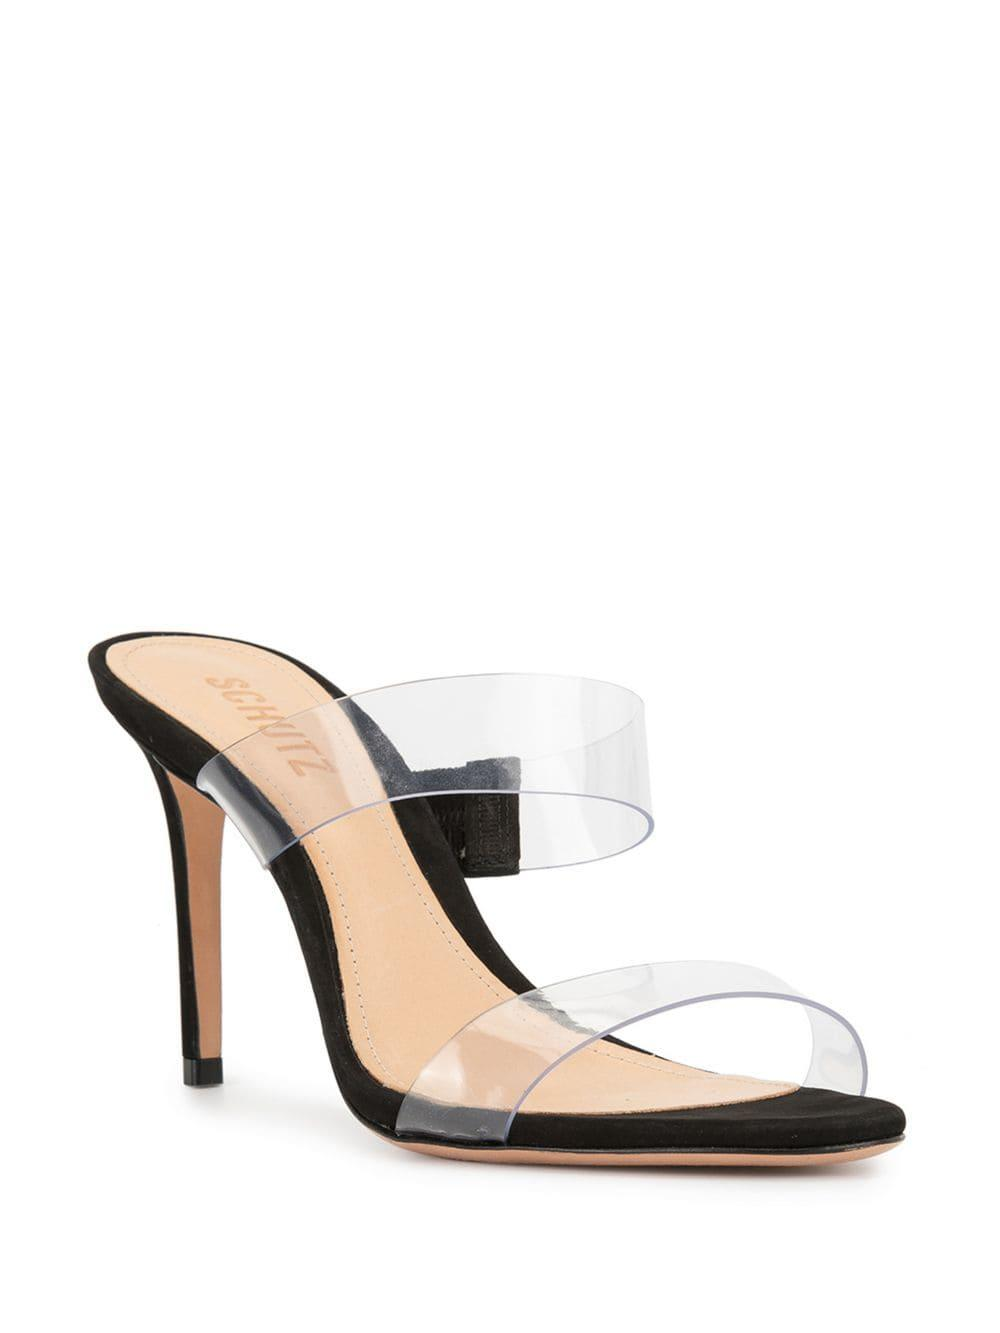 58c4233f04dbe5 Schutz Clear Strap Sandals in Black - Lyst